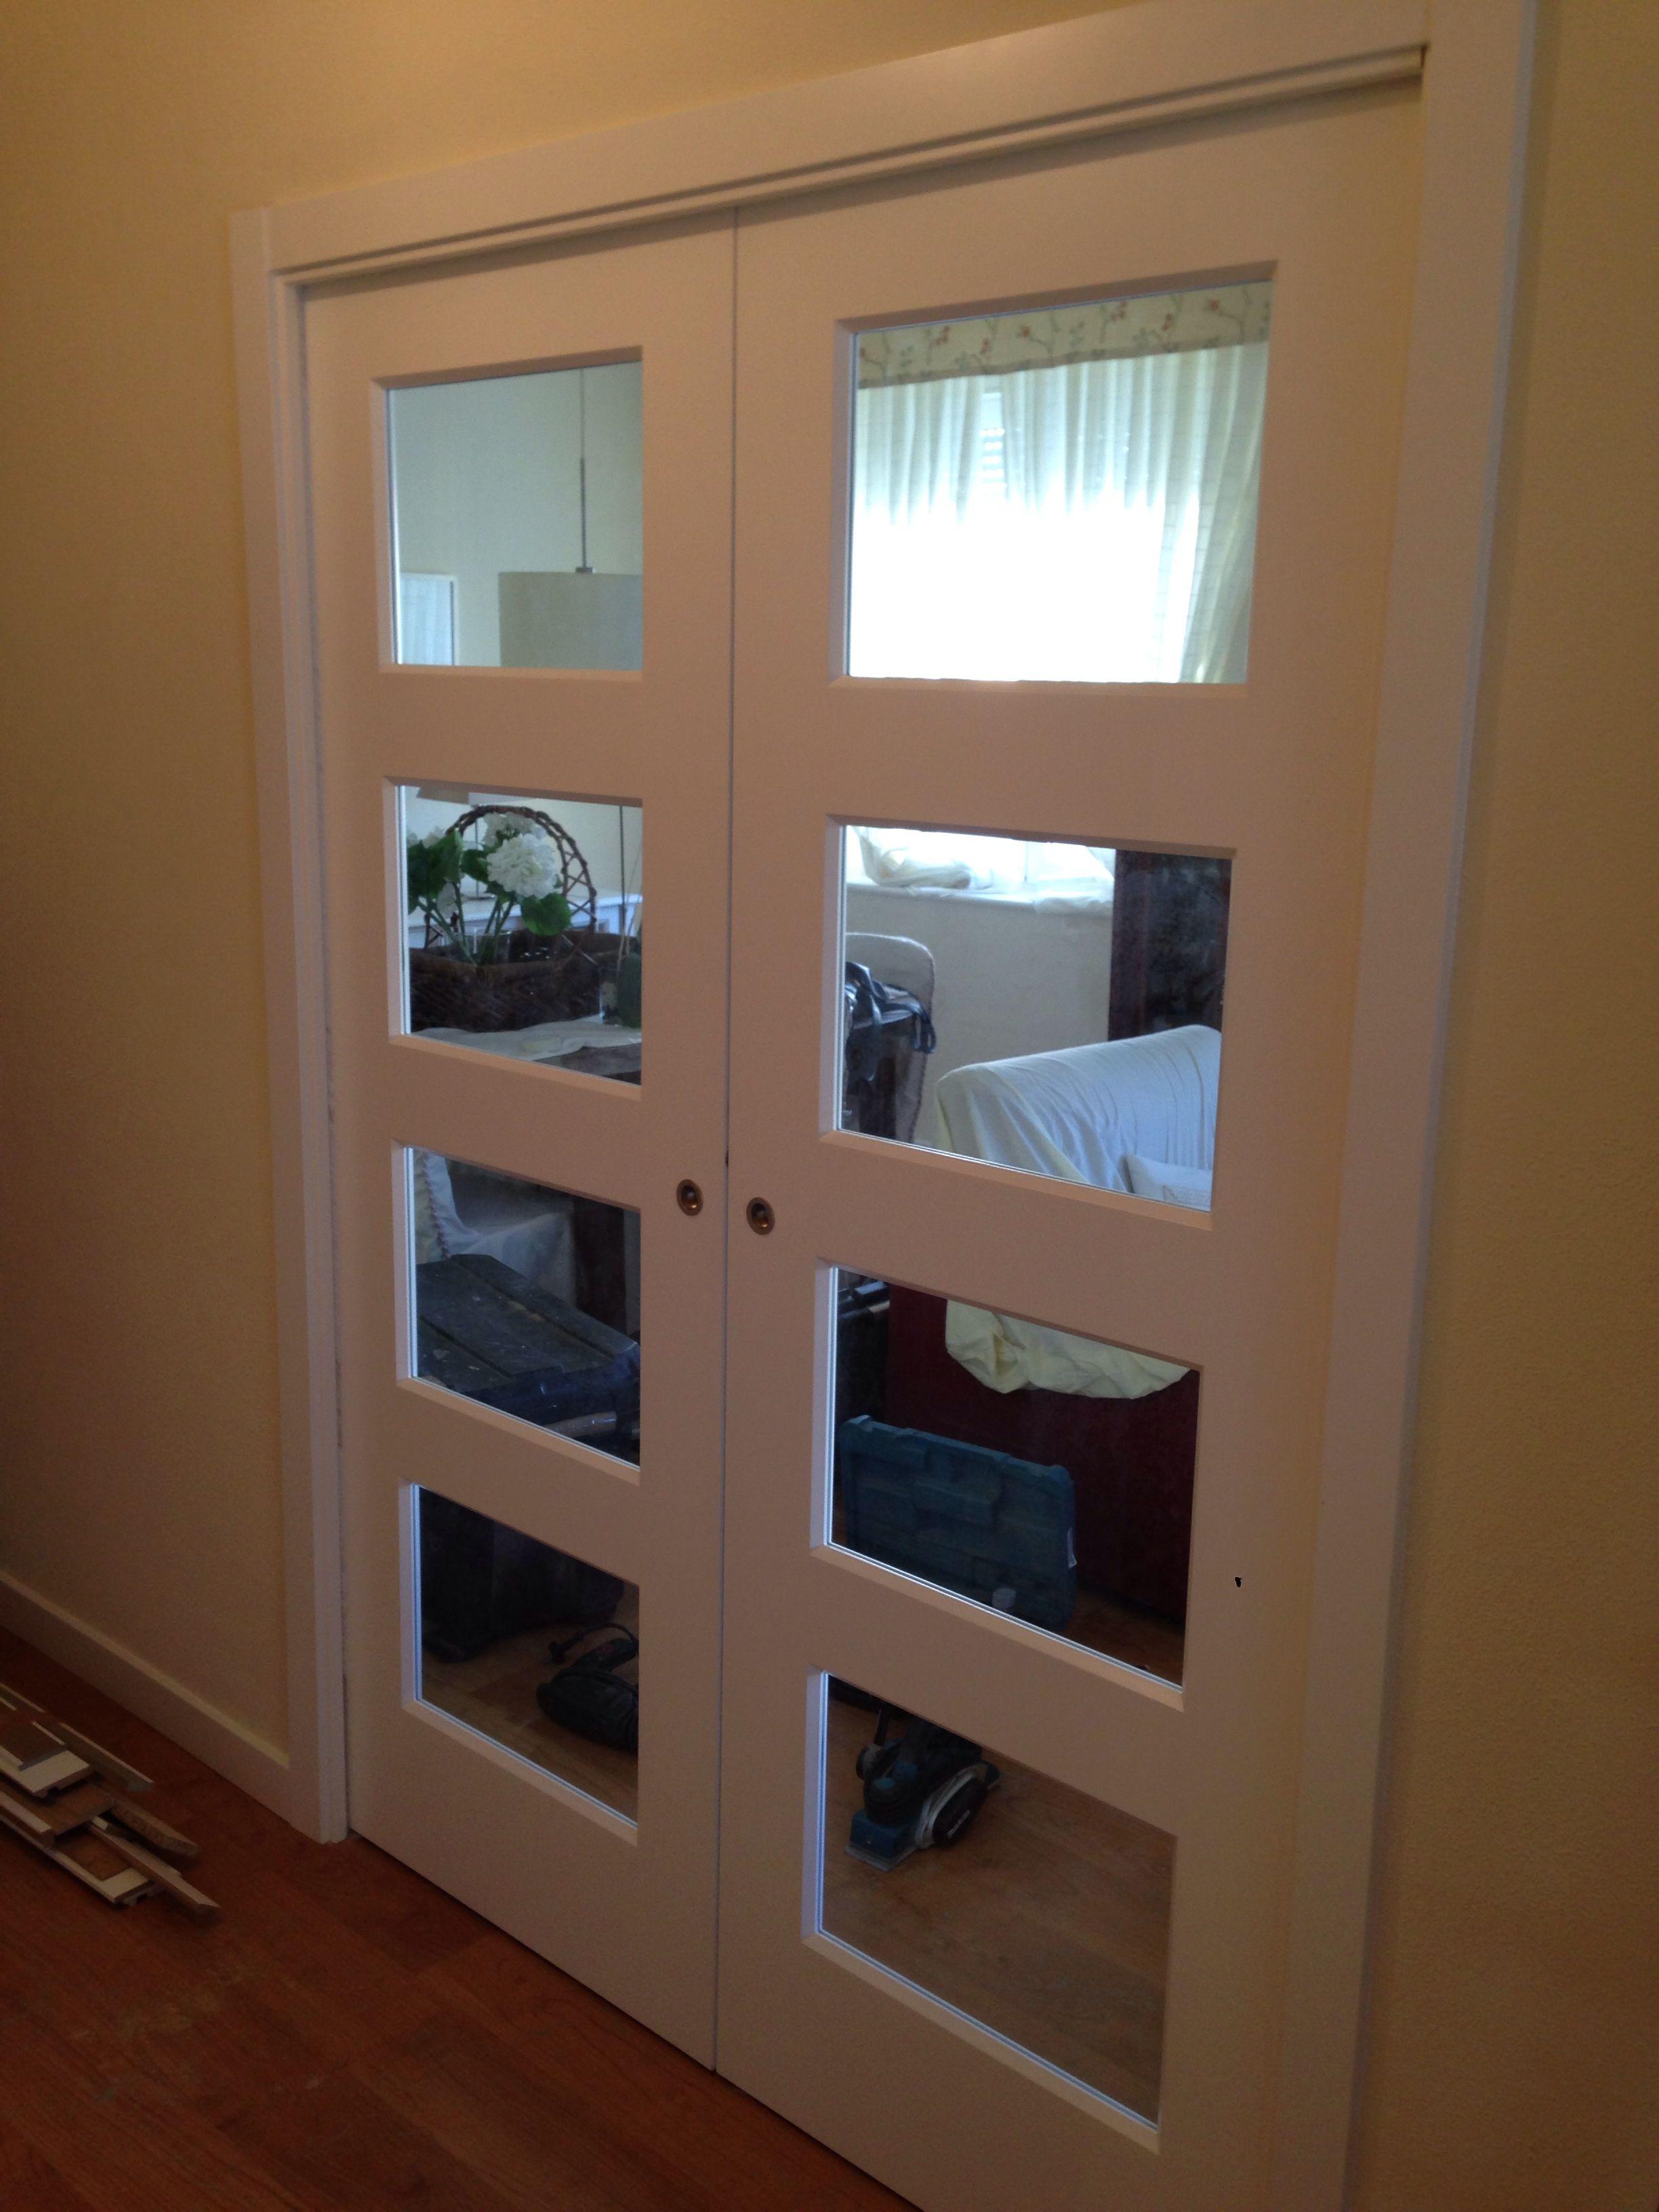 400 ps v4 con cristal transparente en corredera puerta - Puertas cristal correderas ...